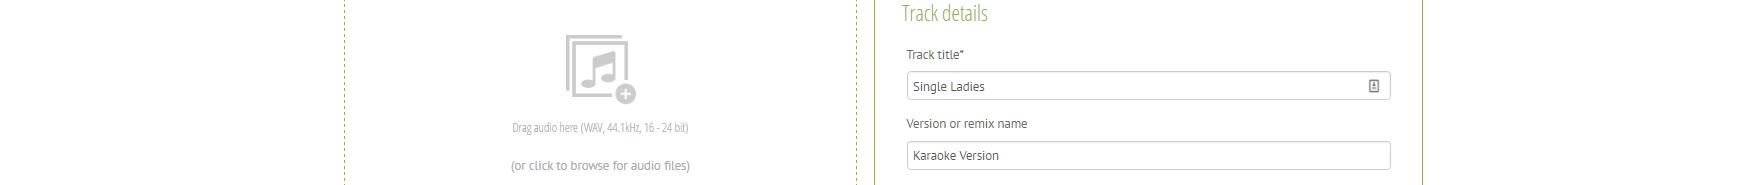 track details EN